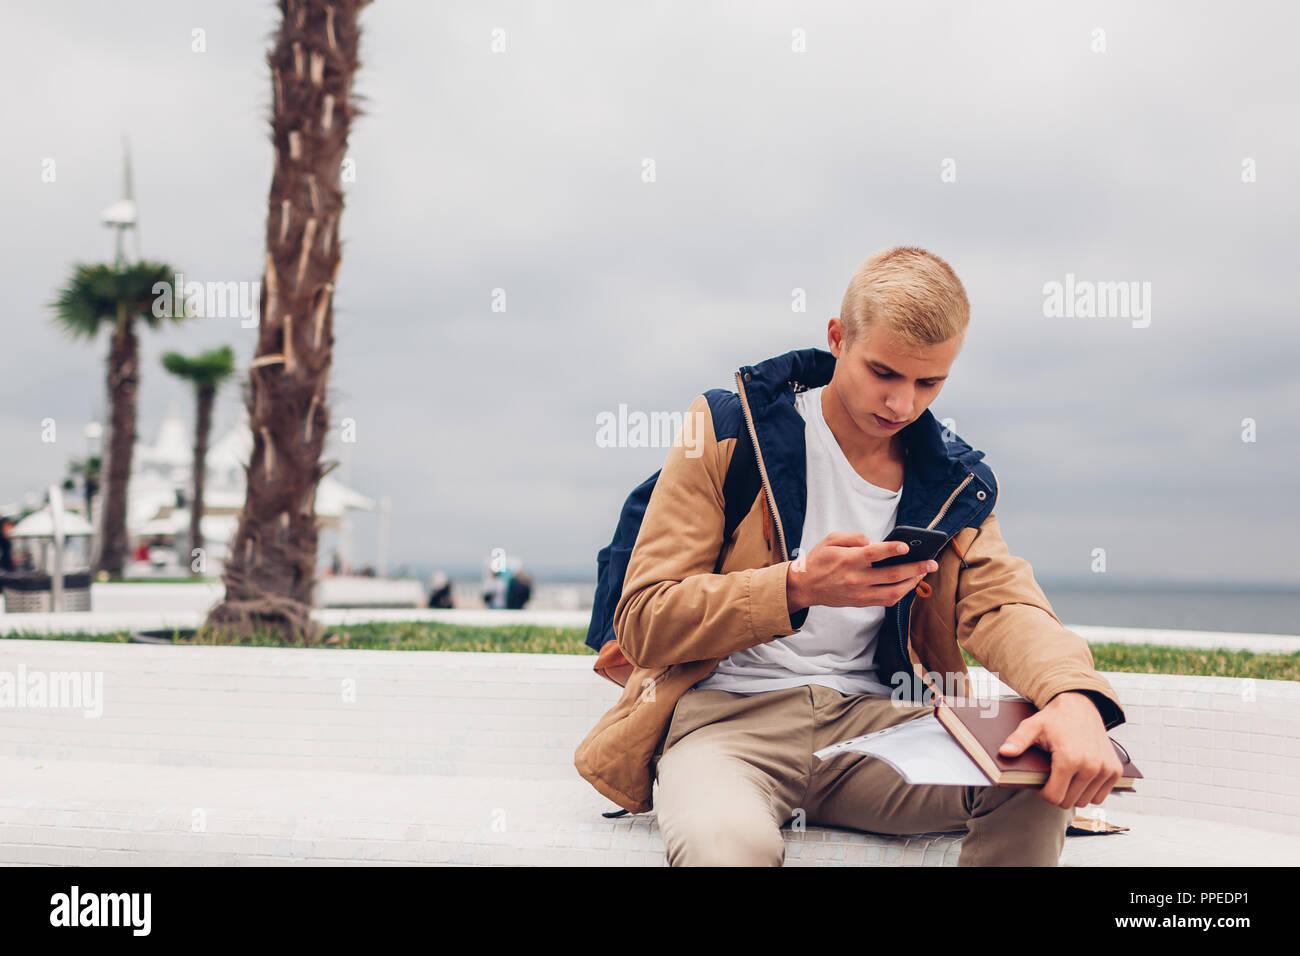 Estudiante universitario sentado en banco por mar mediante smartphone y sosteniendo un libro sobre playa Langerón en Odessa. Joven con mochila networking Imagen De Stock